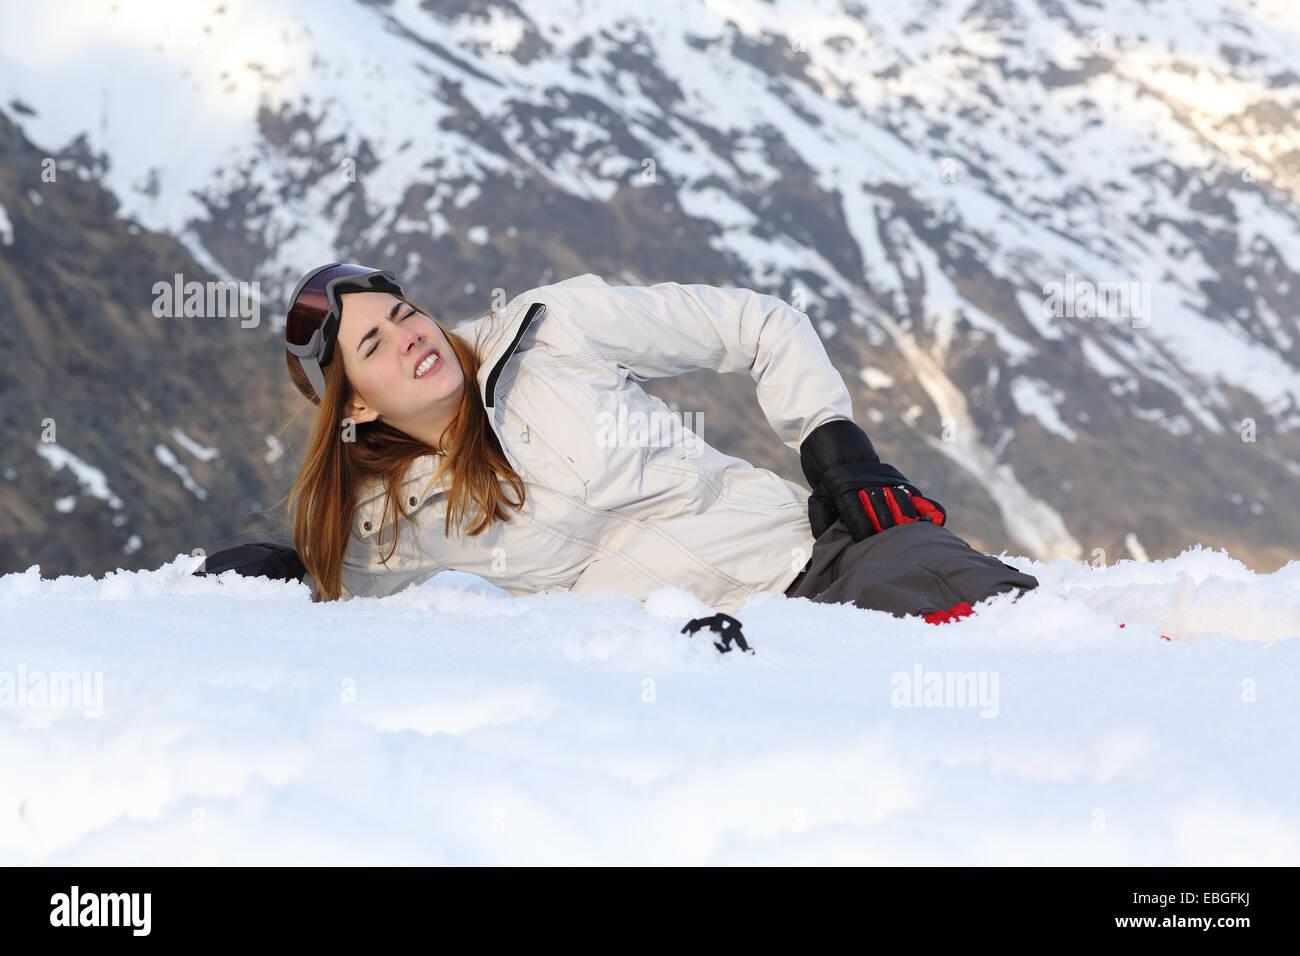 Esquiador mujer herido en la nieve de una montaña alta Imagen De Stock